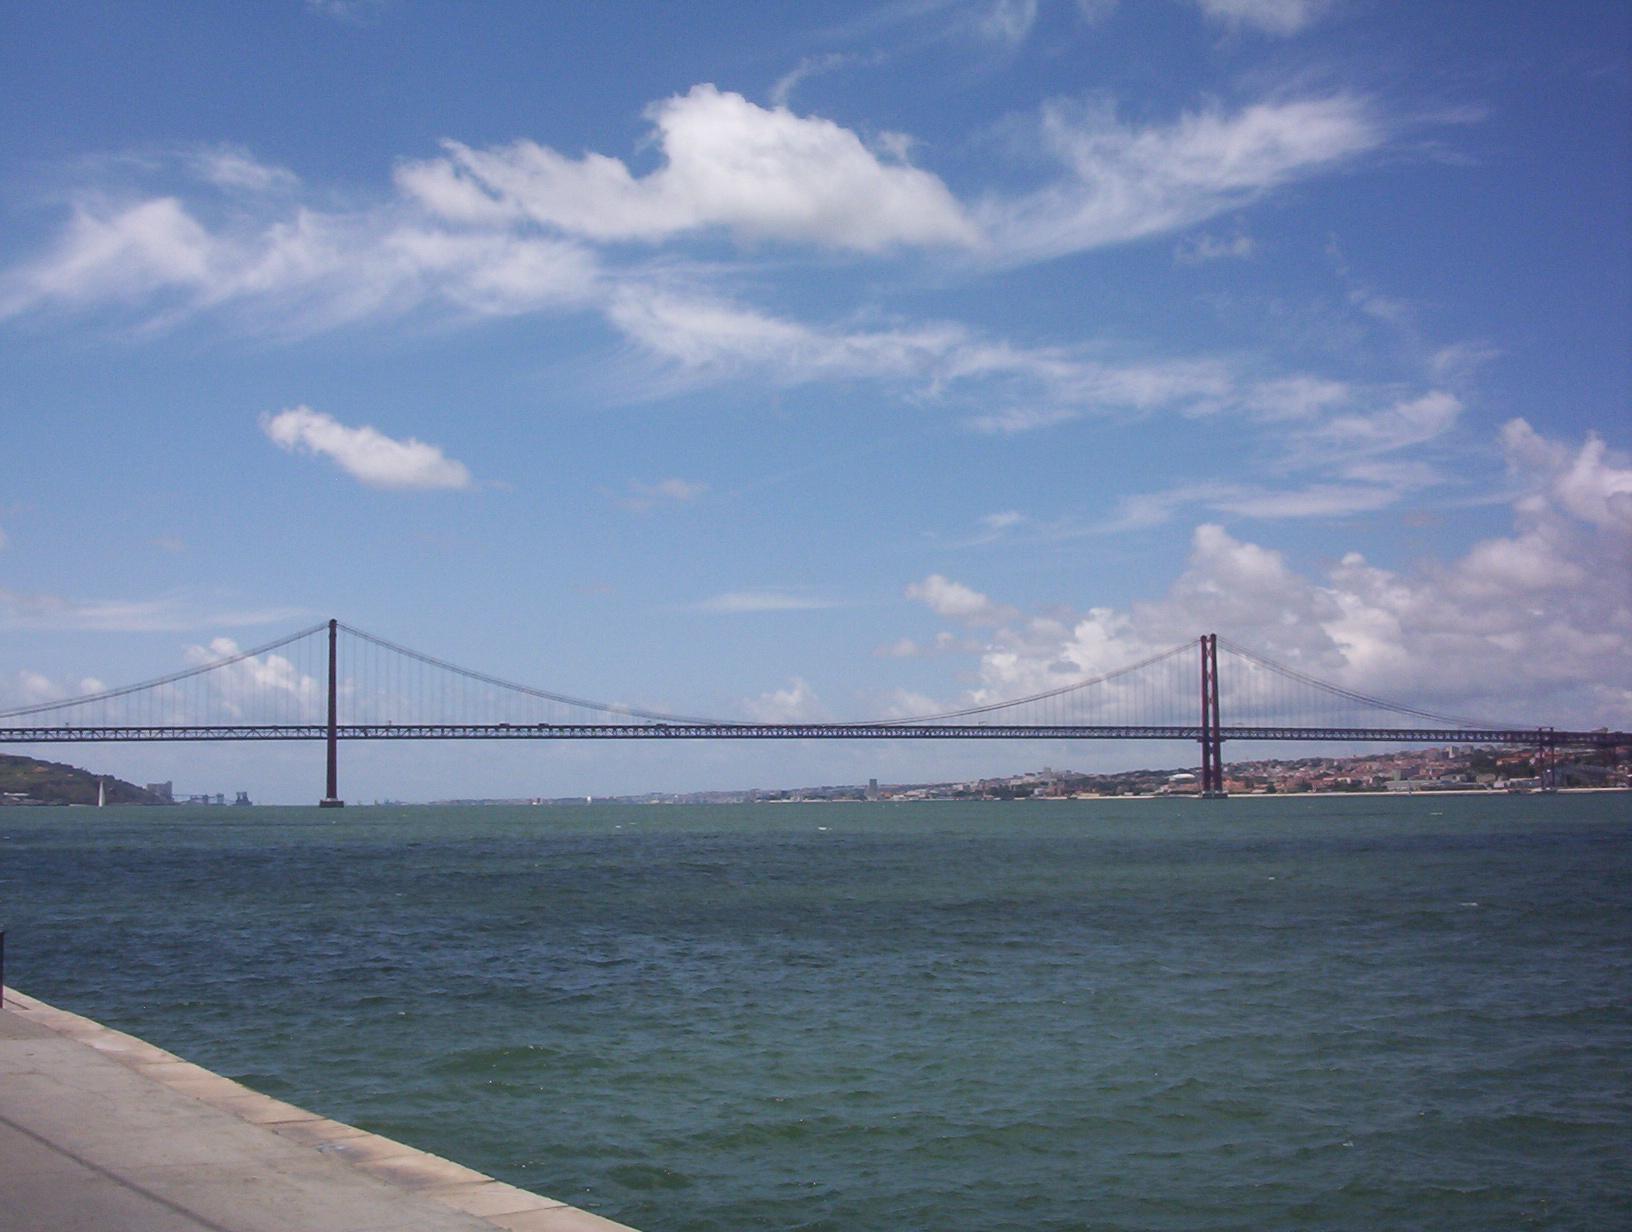 Puente 25 De Abril El Puente Más Famoso De Lisboa